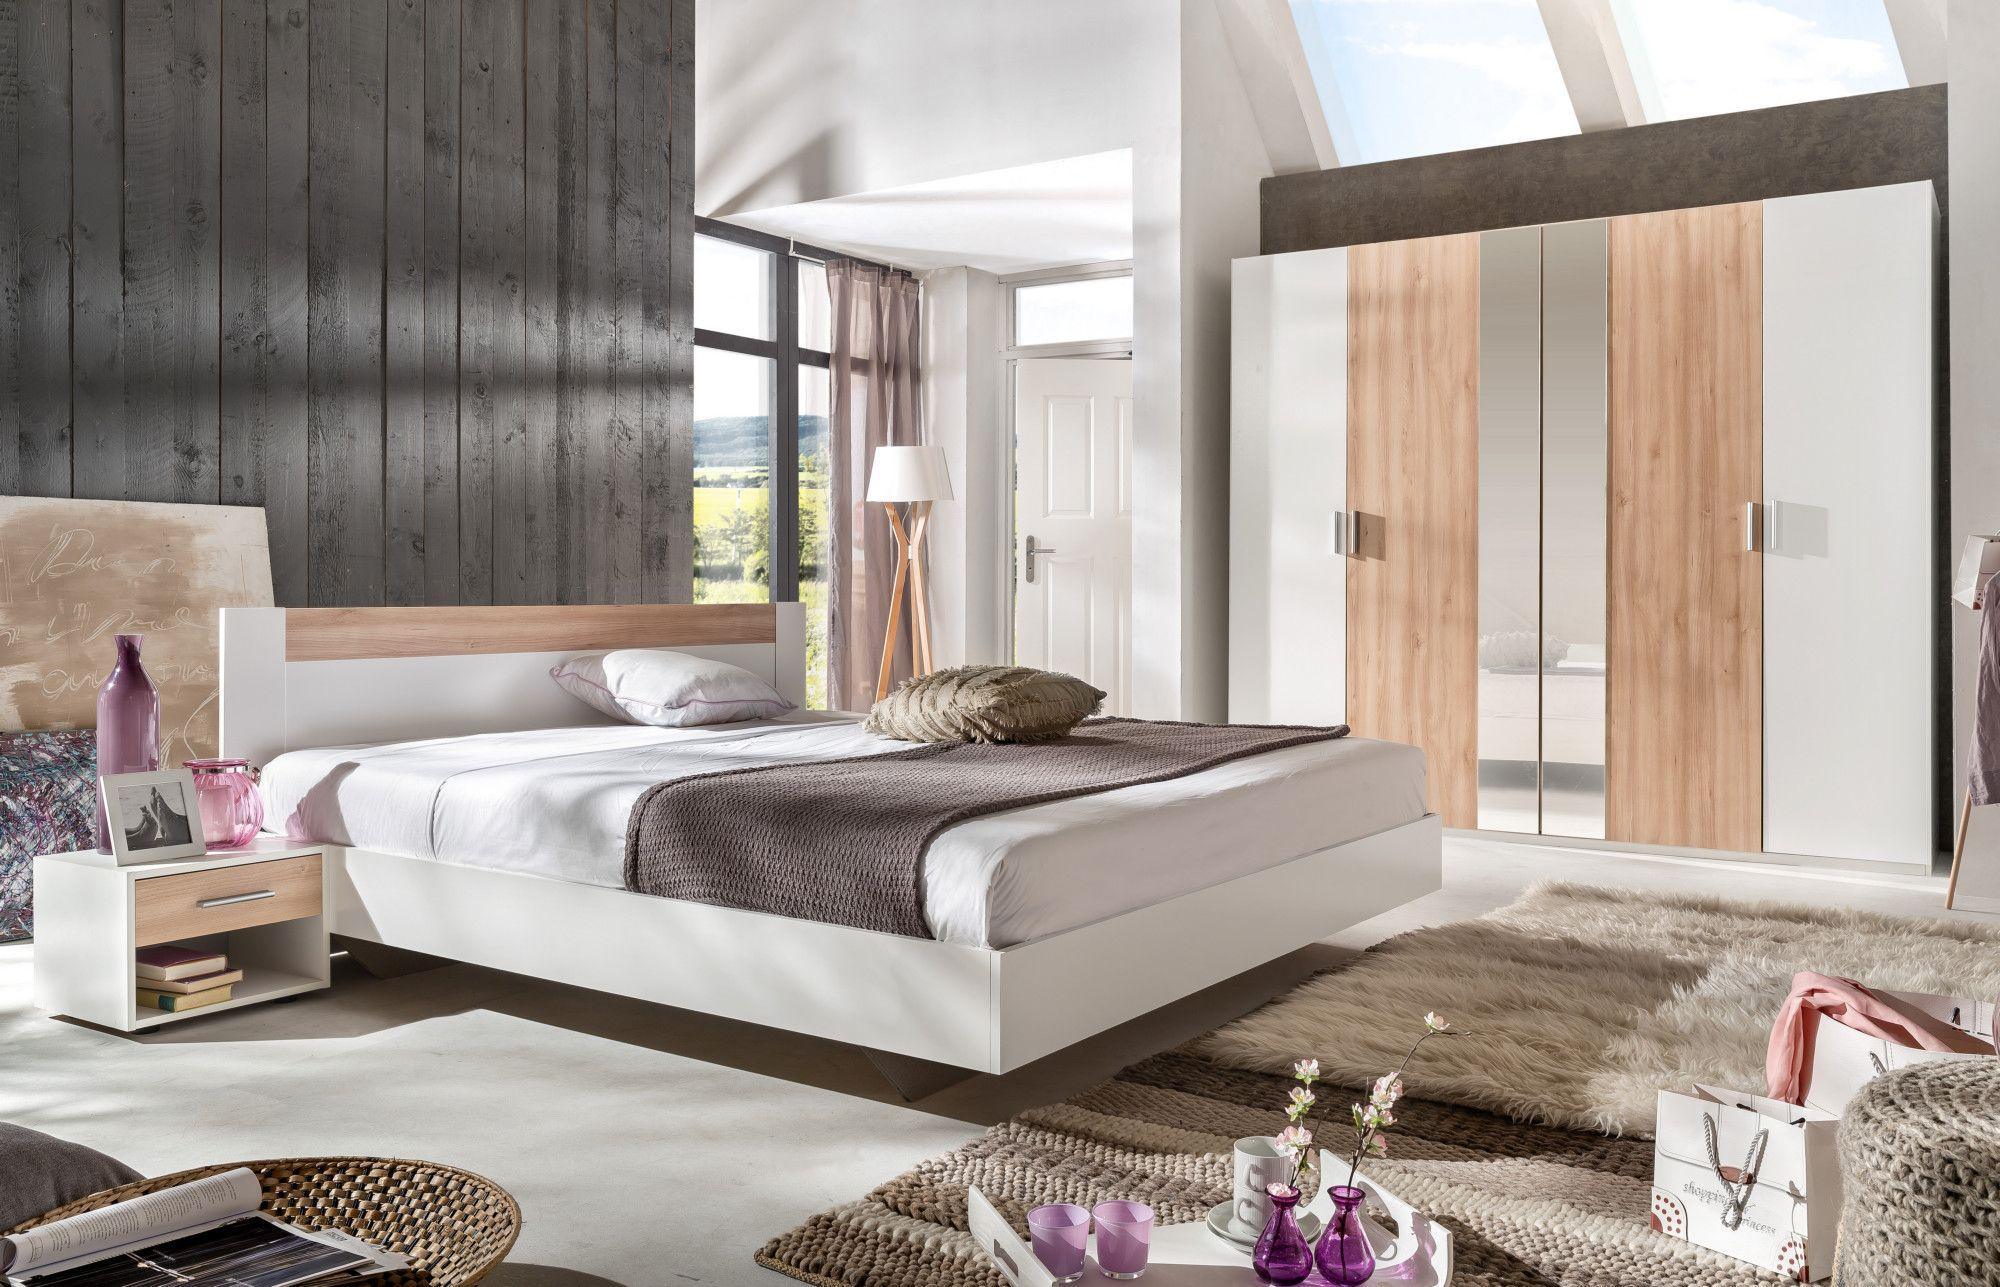 Schlafzimmer Mit Bett 180 X 200 Cm Alpinweiss/ Edelbuche Woody 132 01534 Holz  Modern